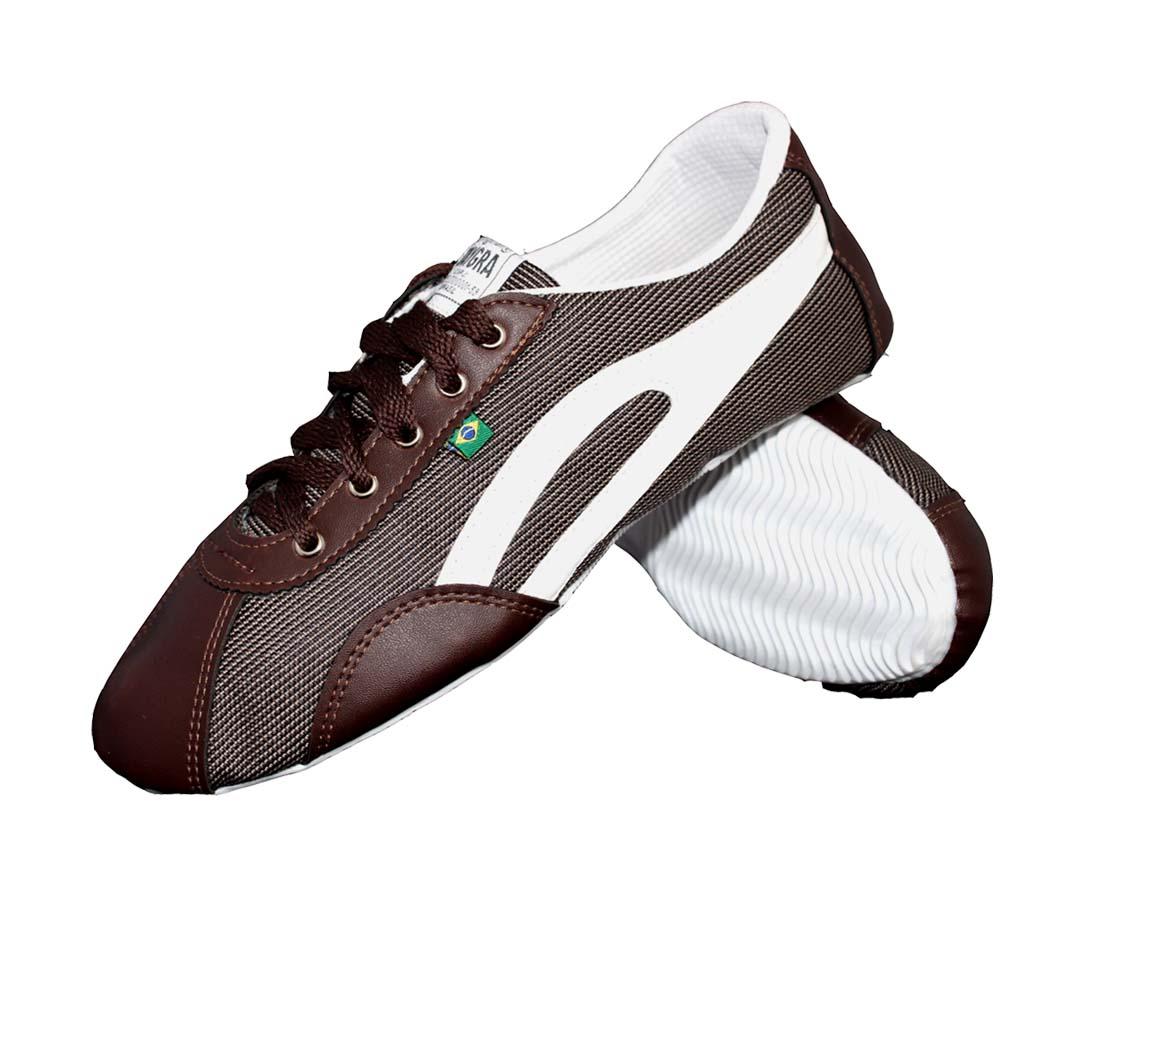 Chaussure Ethique Slim Choco/Blanc